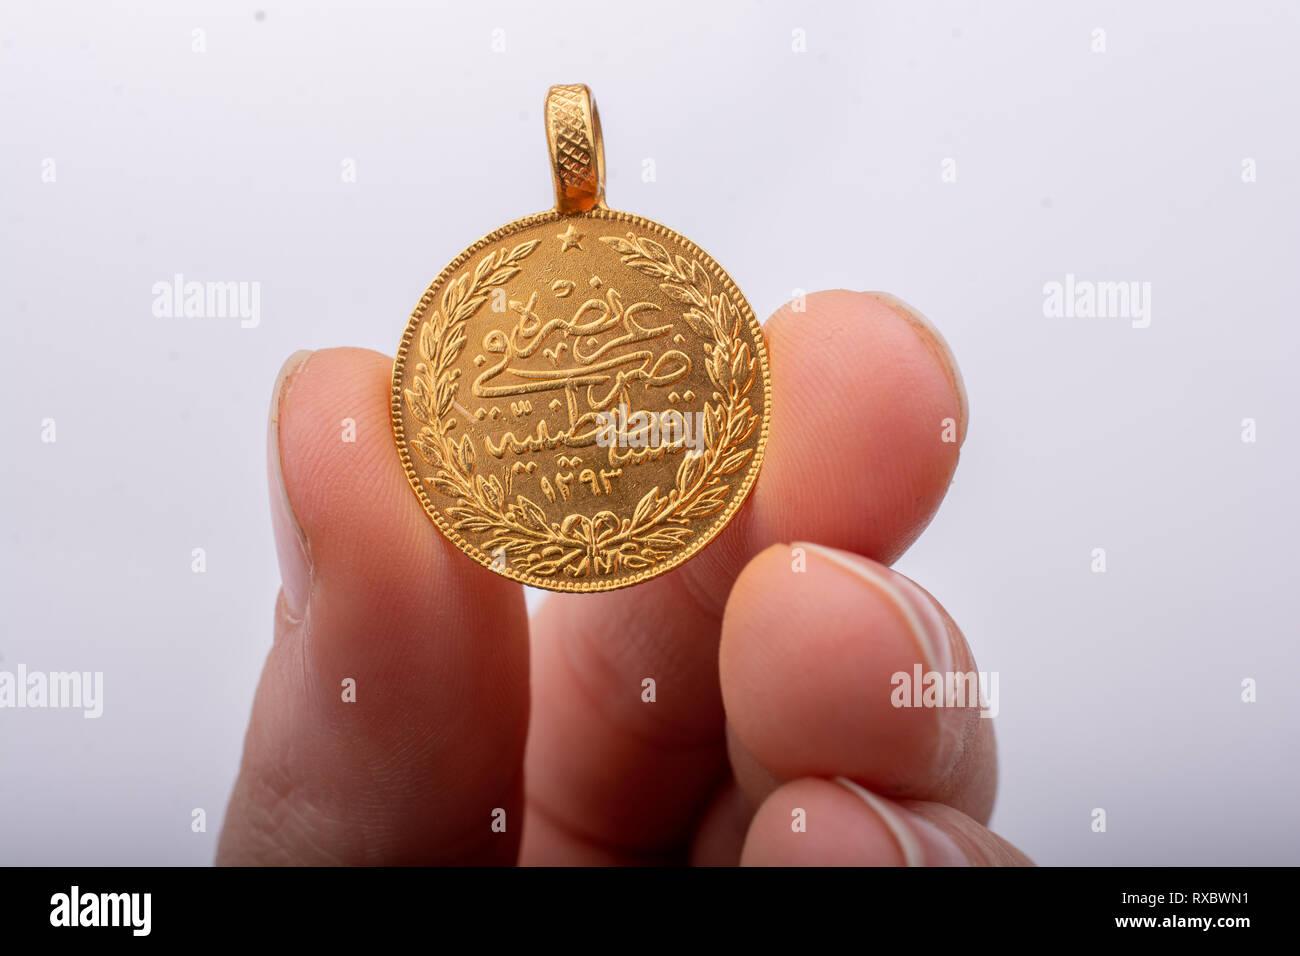 Türkischen osmanischen Stil Gold Münze in der Hand auf